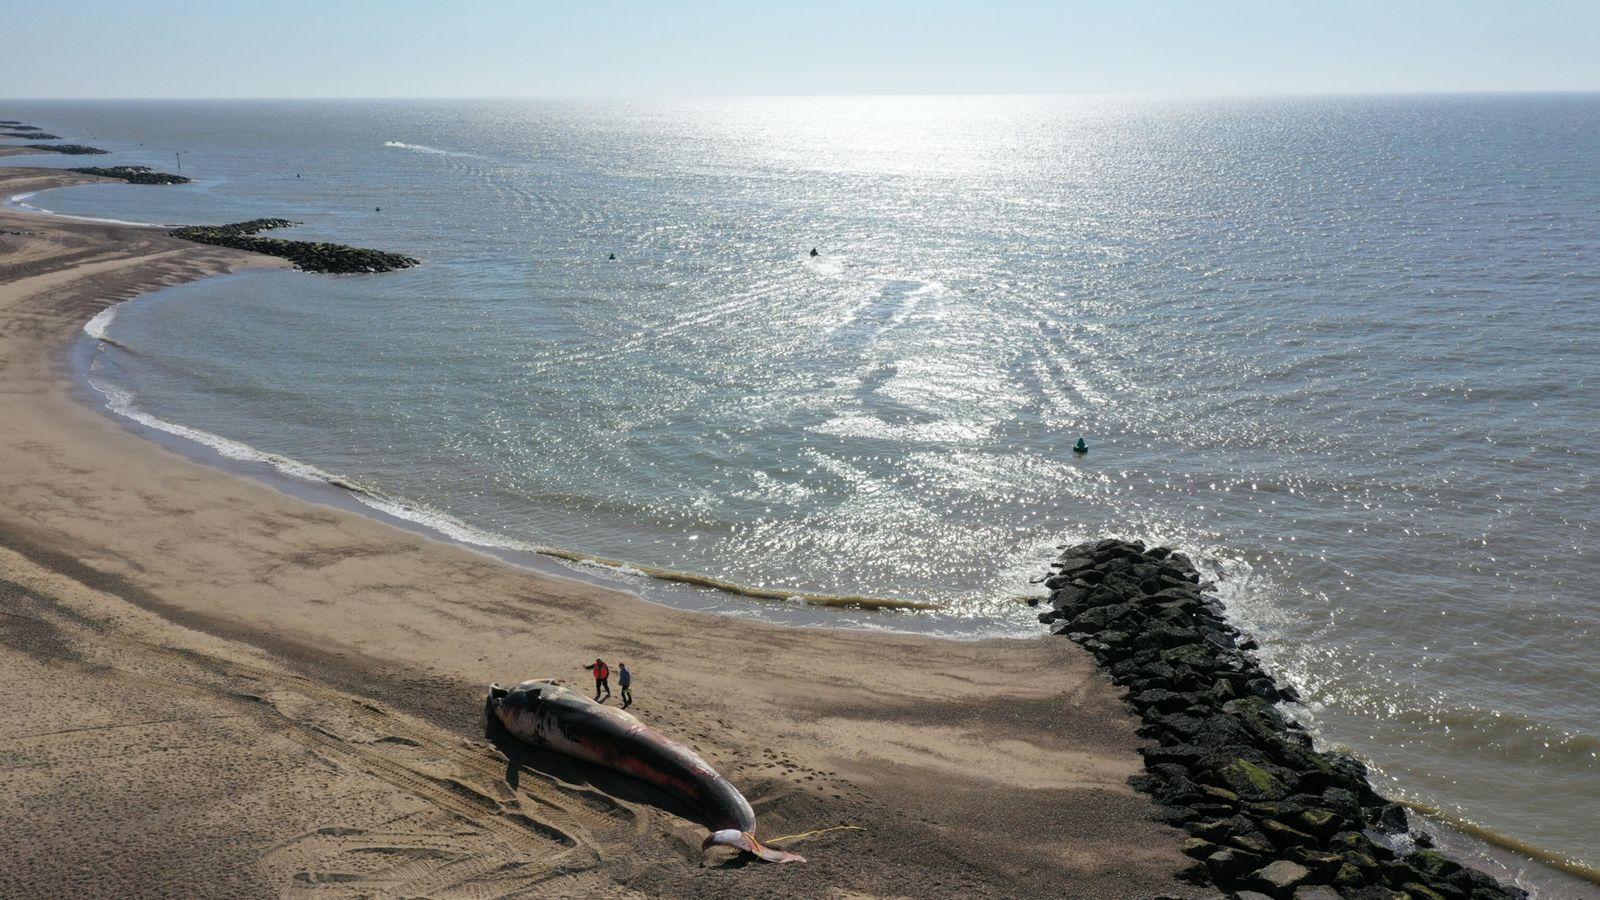 An den flachen Küsten der Nordsee kommt es häufig zu Walstrandung, aber insgesamt sind sie ein ...